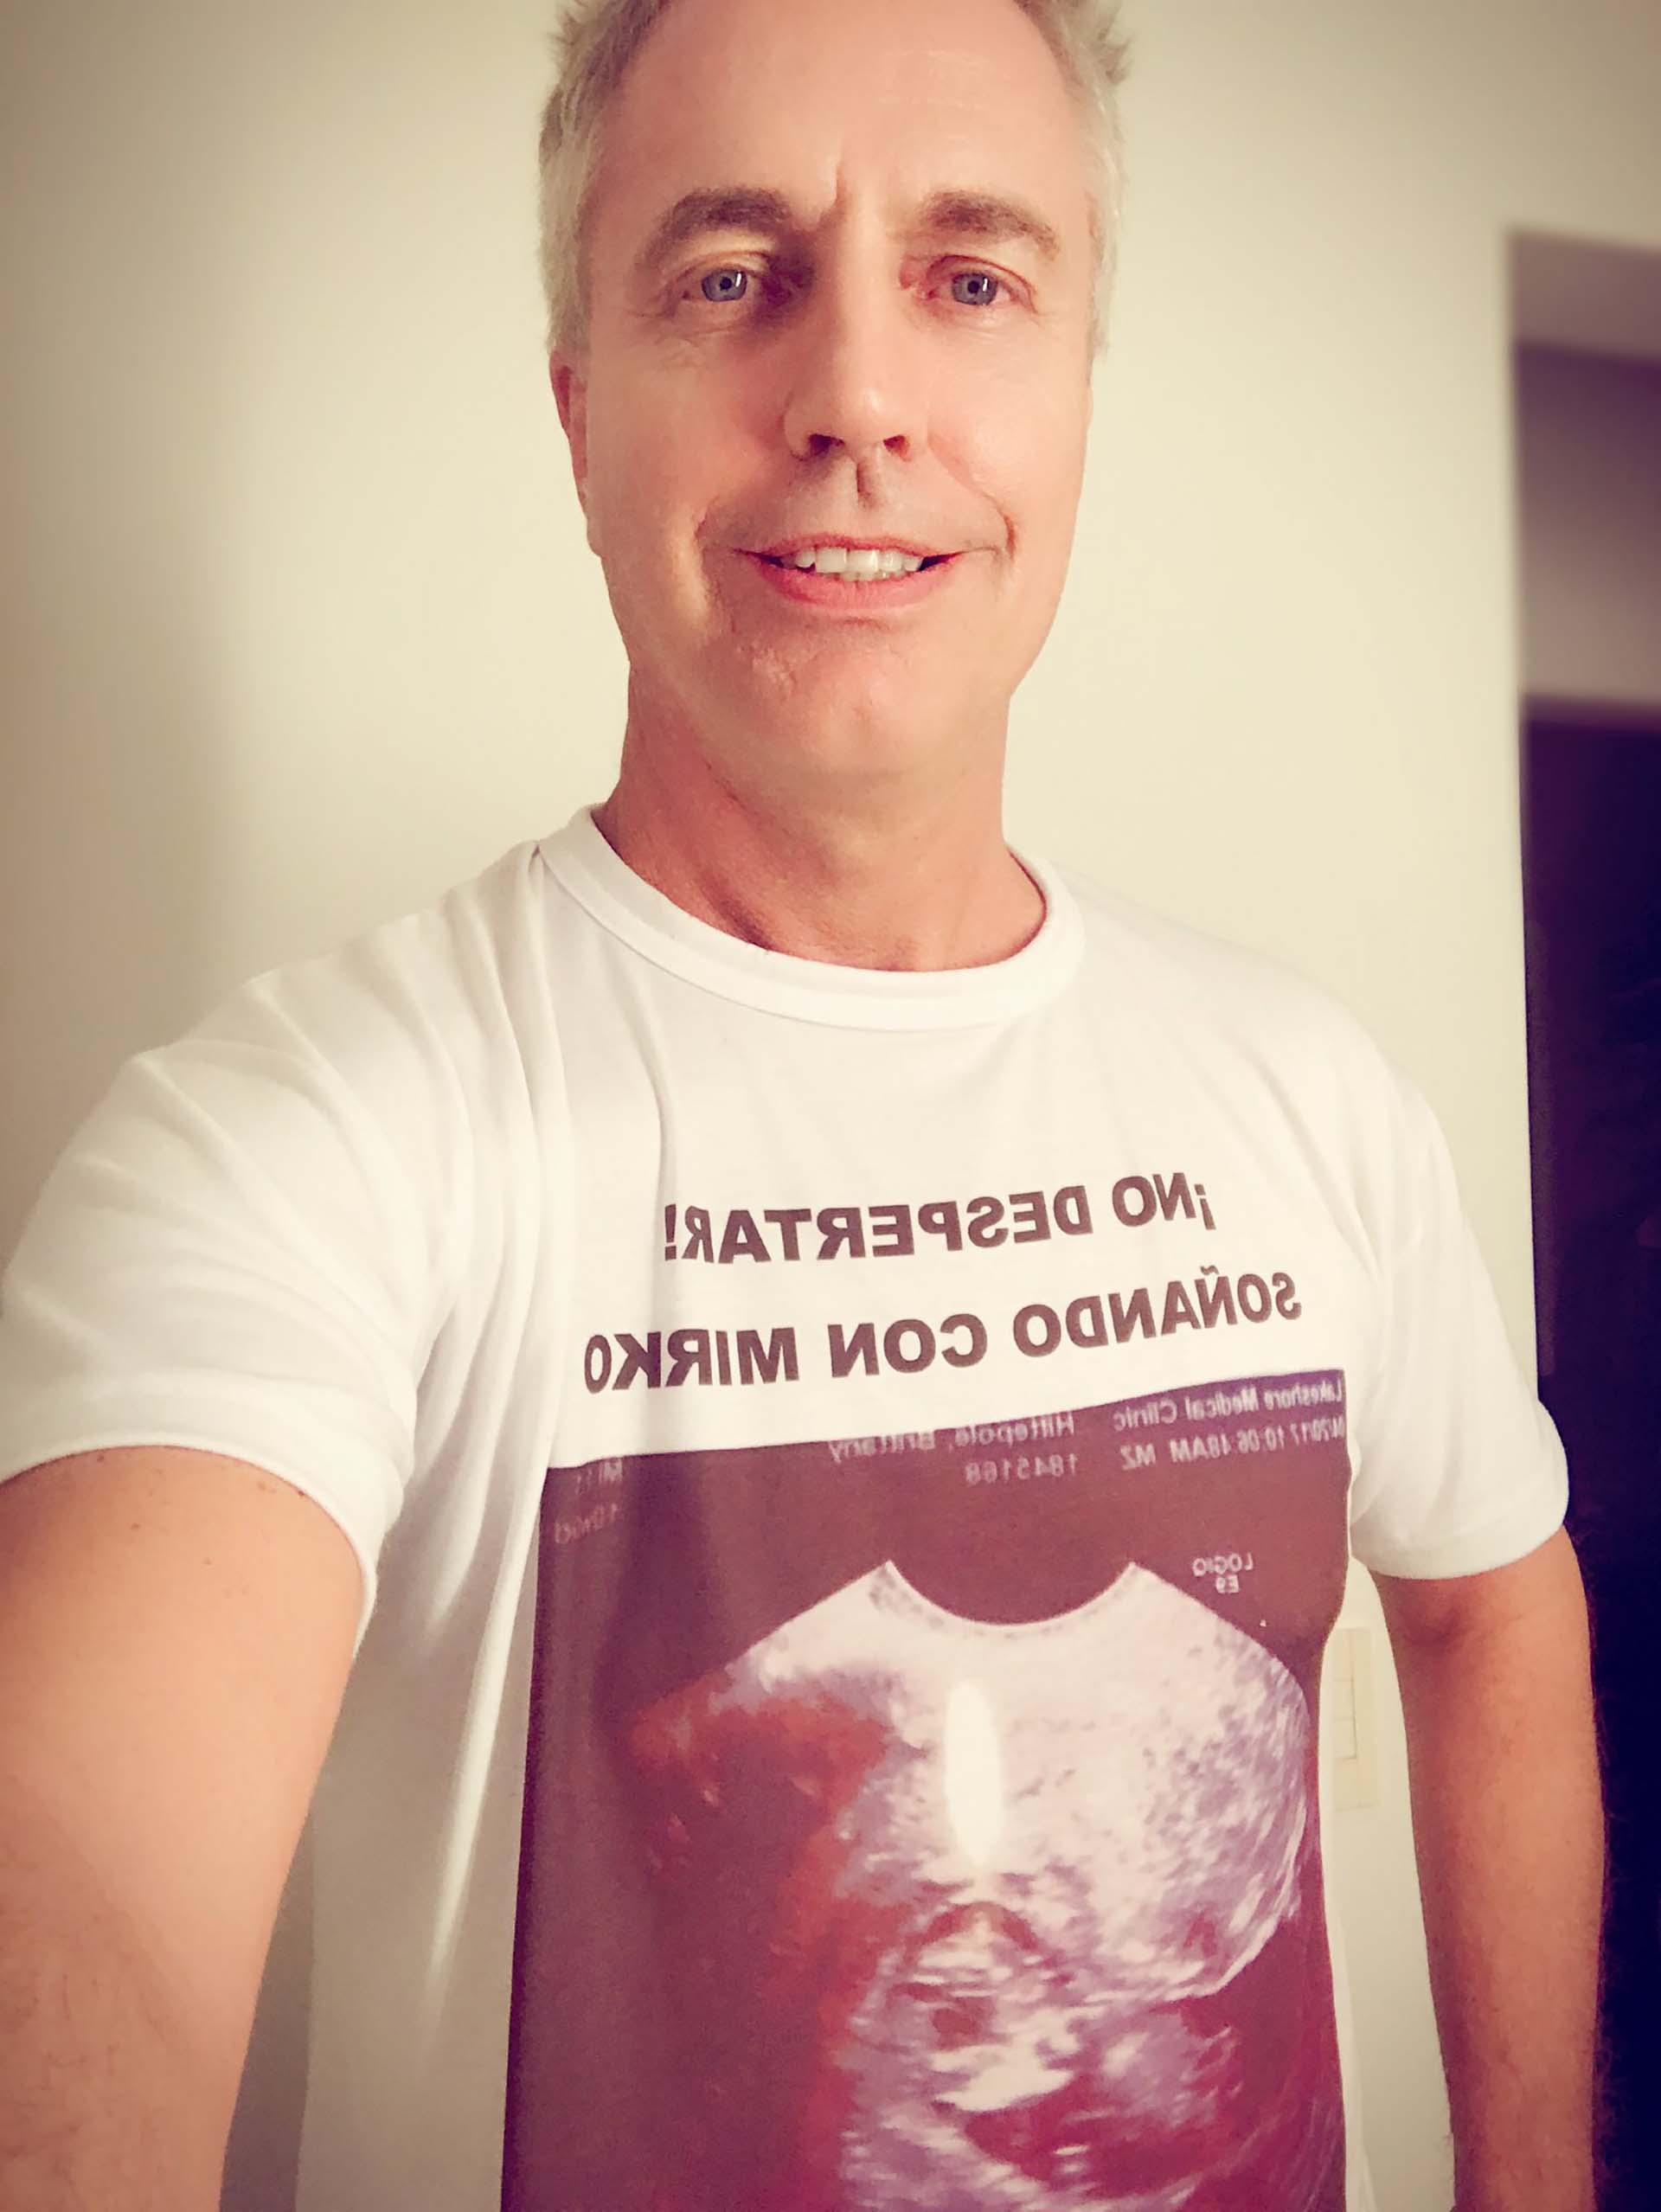 """""""¡No despertar! Soñando con Mirko"""", reza la remera con la que duerme el conductor, junto a la imagen de una ecografía"""